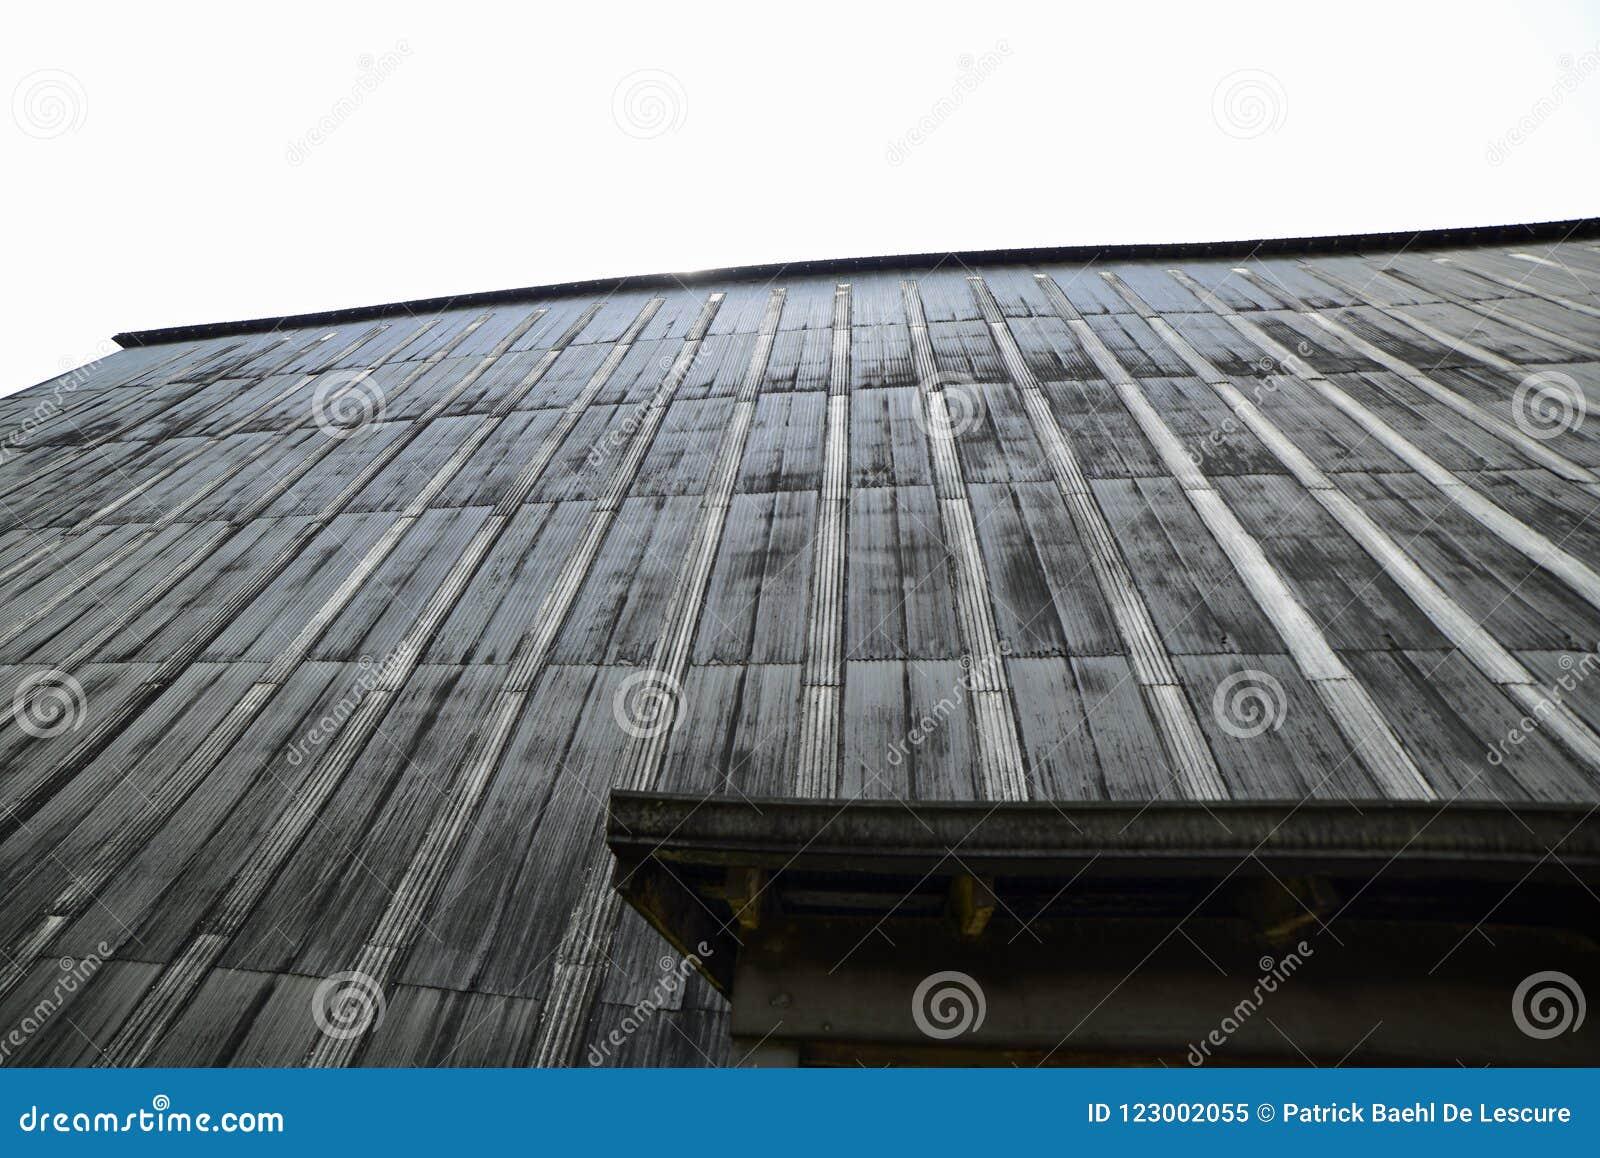 Rickhouse que guarda milhares de bourbon barrels lentamente o amadurecimento